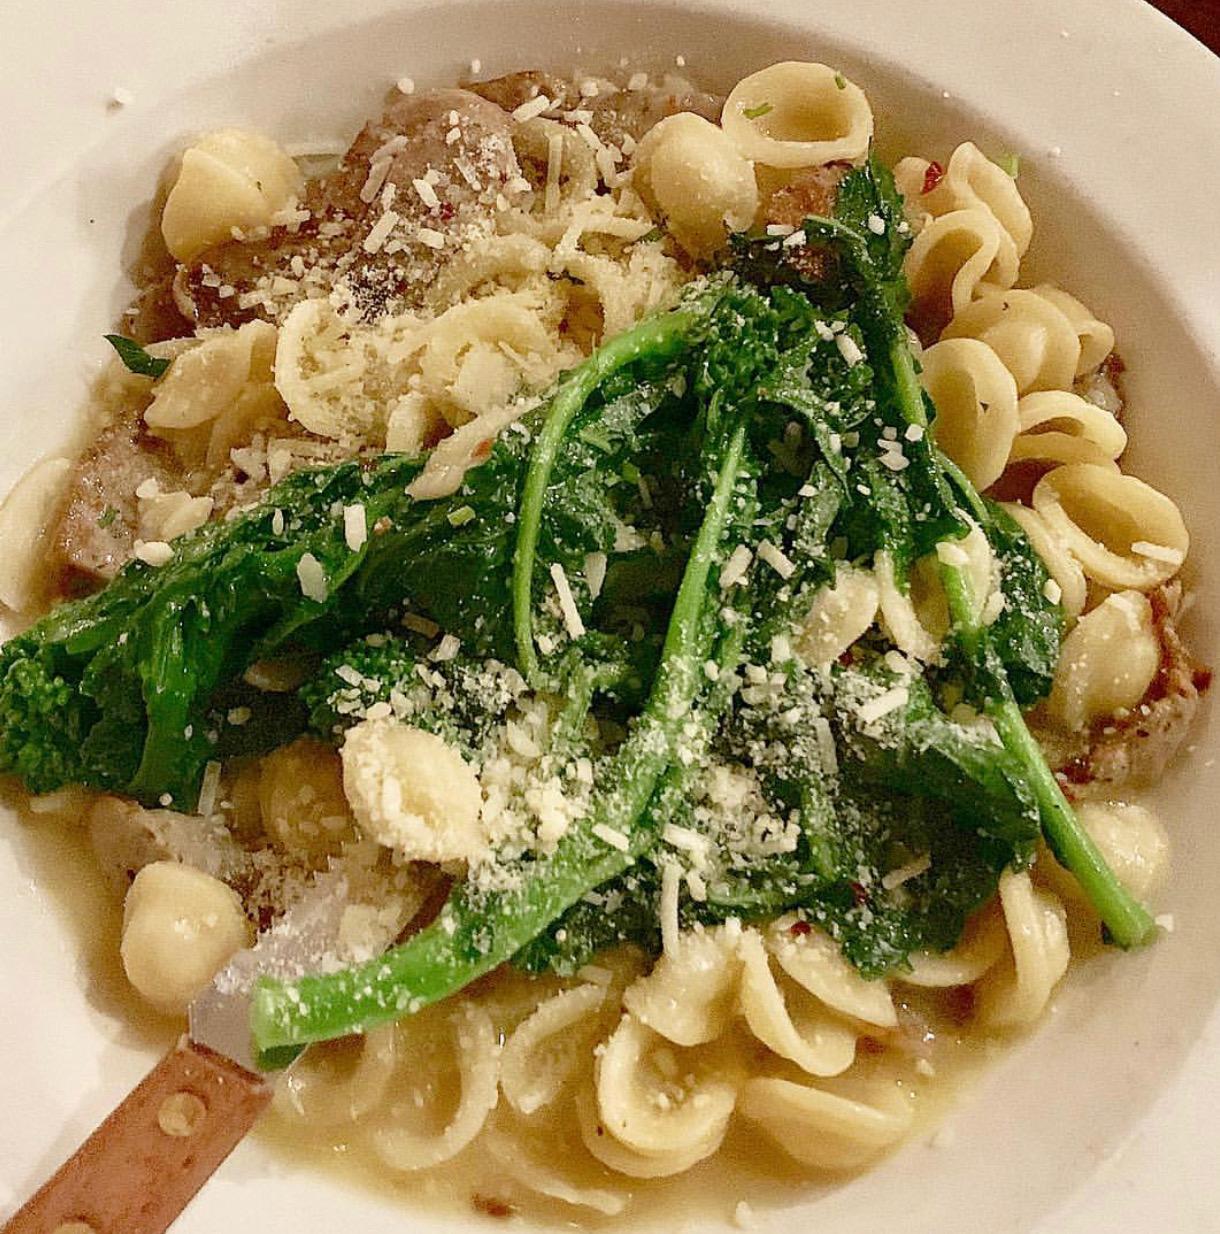 Super satisfying Orecchiette with brocolli rabe at Pisticci.